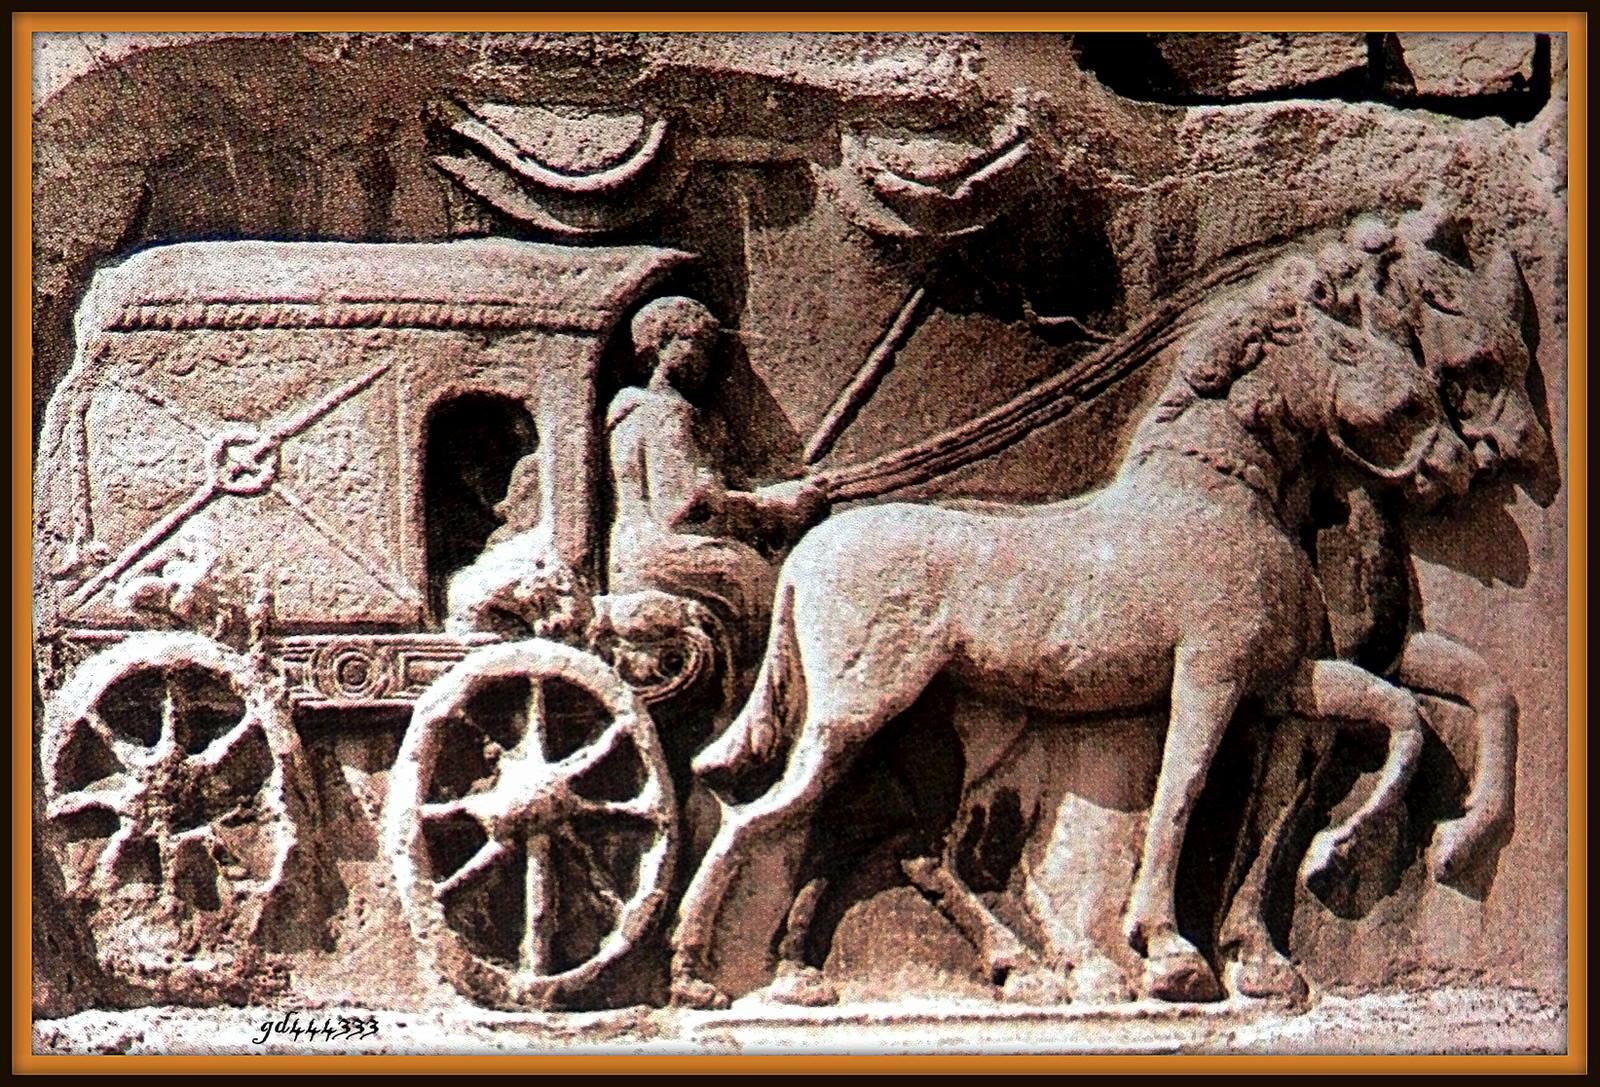 上图:罗马帝国邮差的浮雕。奥古斯都创立了罗马公共邮政(Cursus publicus),通过罗马道路系统运送官方邮件。邮差会戴着一顶独特的皮制邮帽,战车上有箱子用来装载邮件。在特别的情况下,驿马当天就可以把信件传递到800公里外。罗马道路的开通也促进了私营邮递业兴起,例如Tabellarii就是一家用奴隶送信的邮递业务经营者。大部分平民是靠旅行者来携带信件。